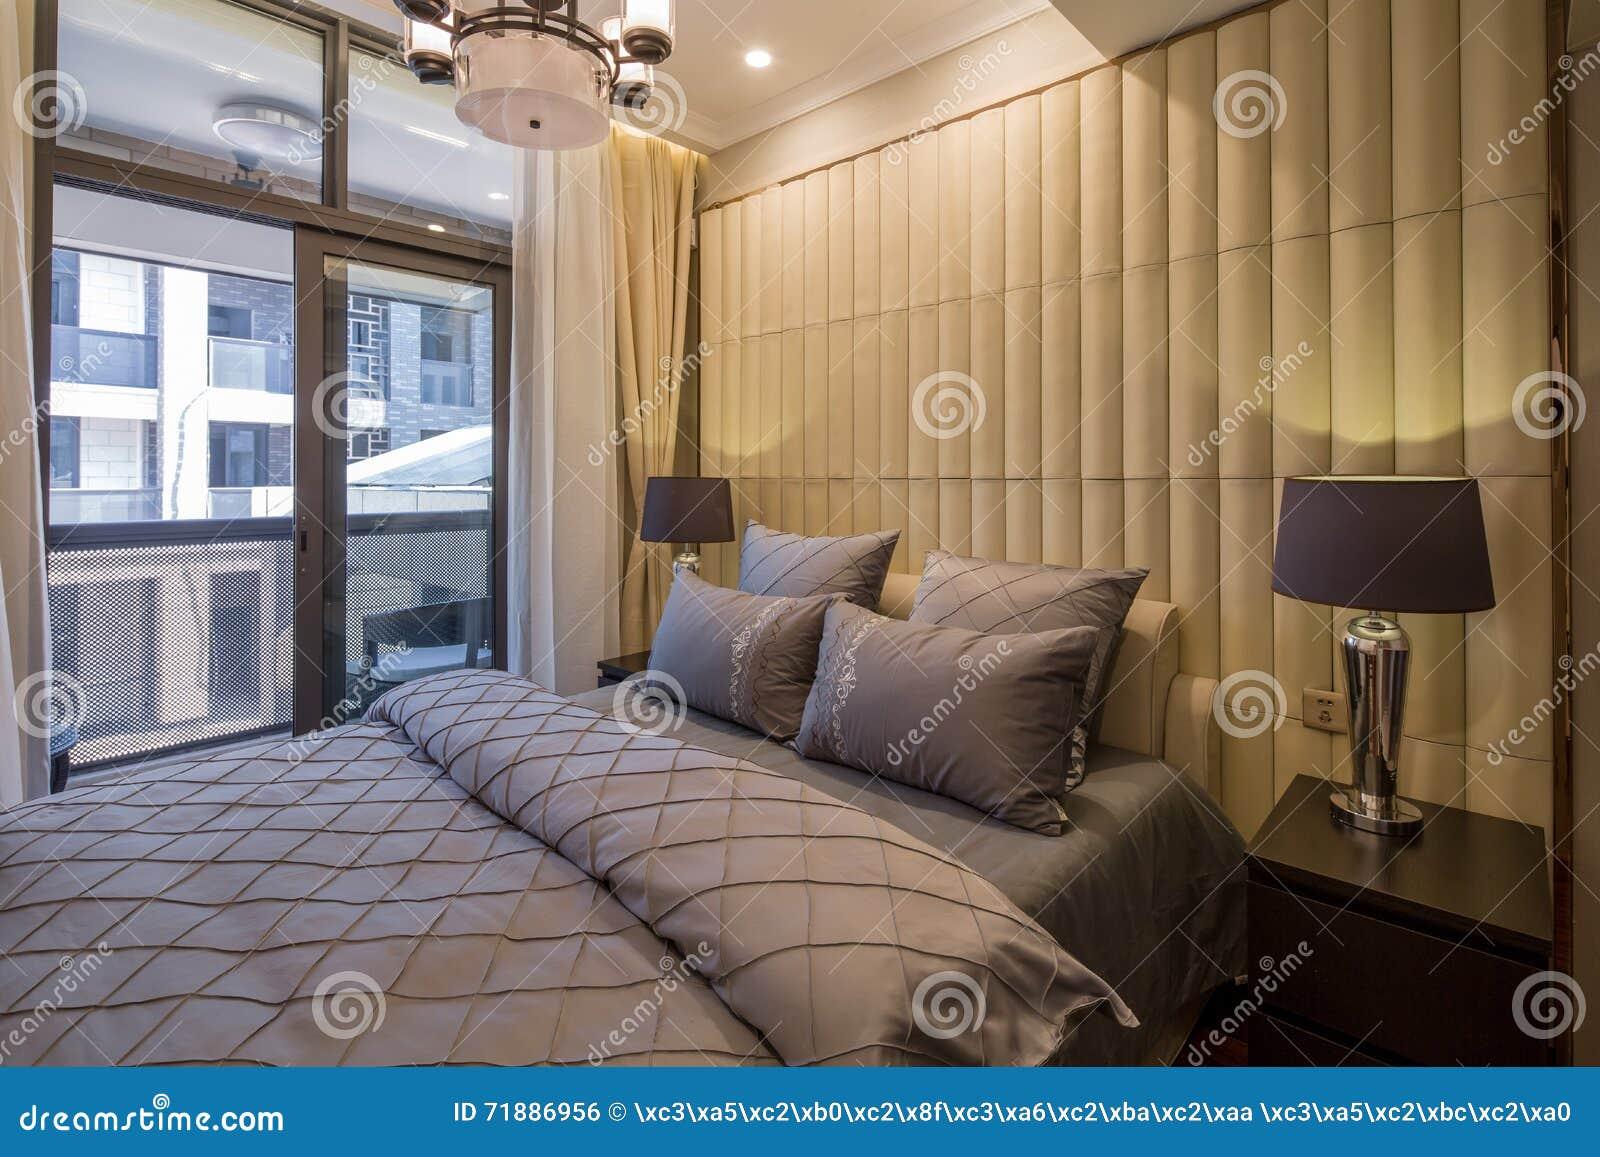 Décoration à La Maison Intérieure De Luxe Moderne De Chambre ...